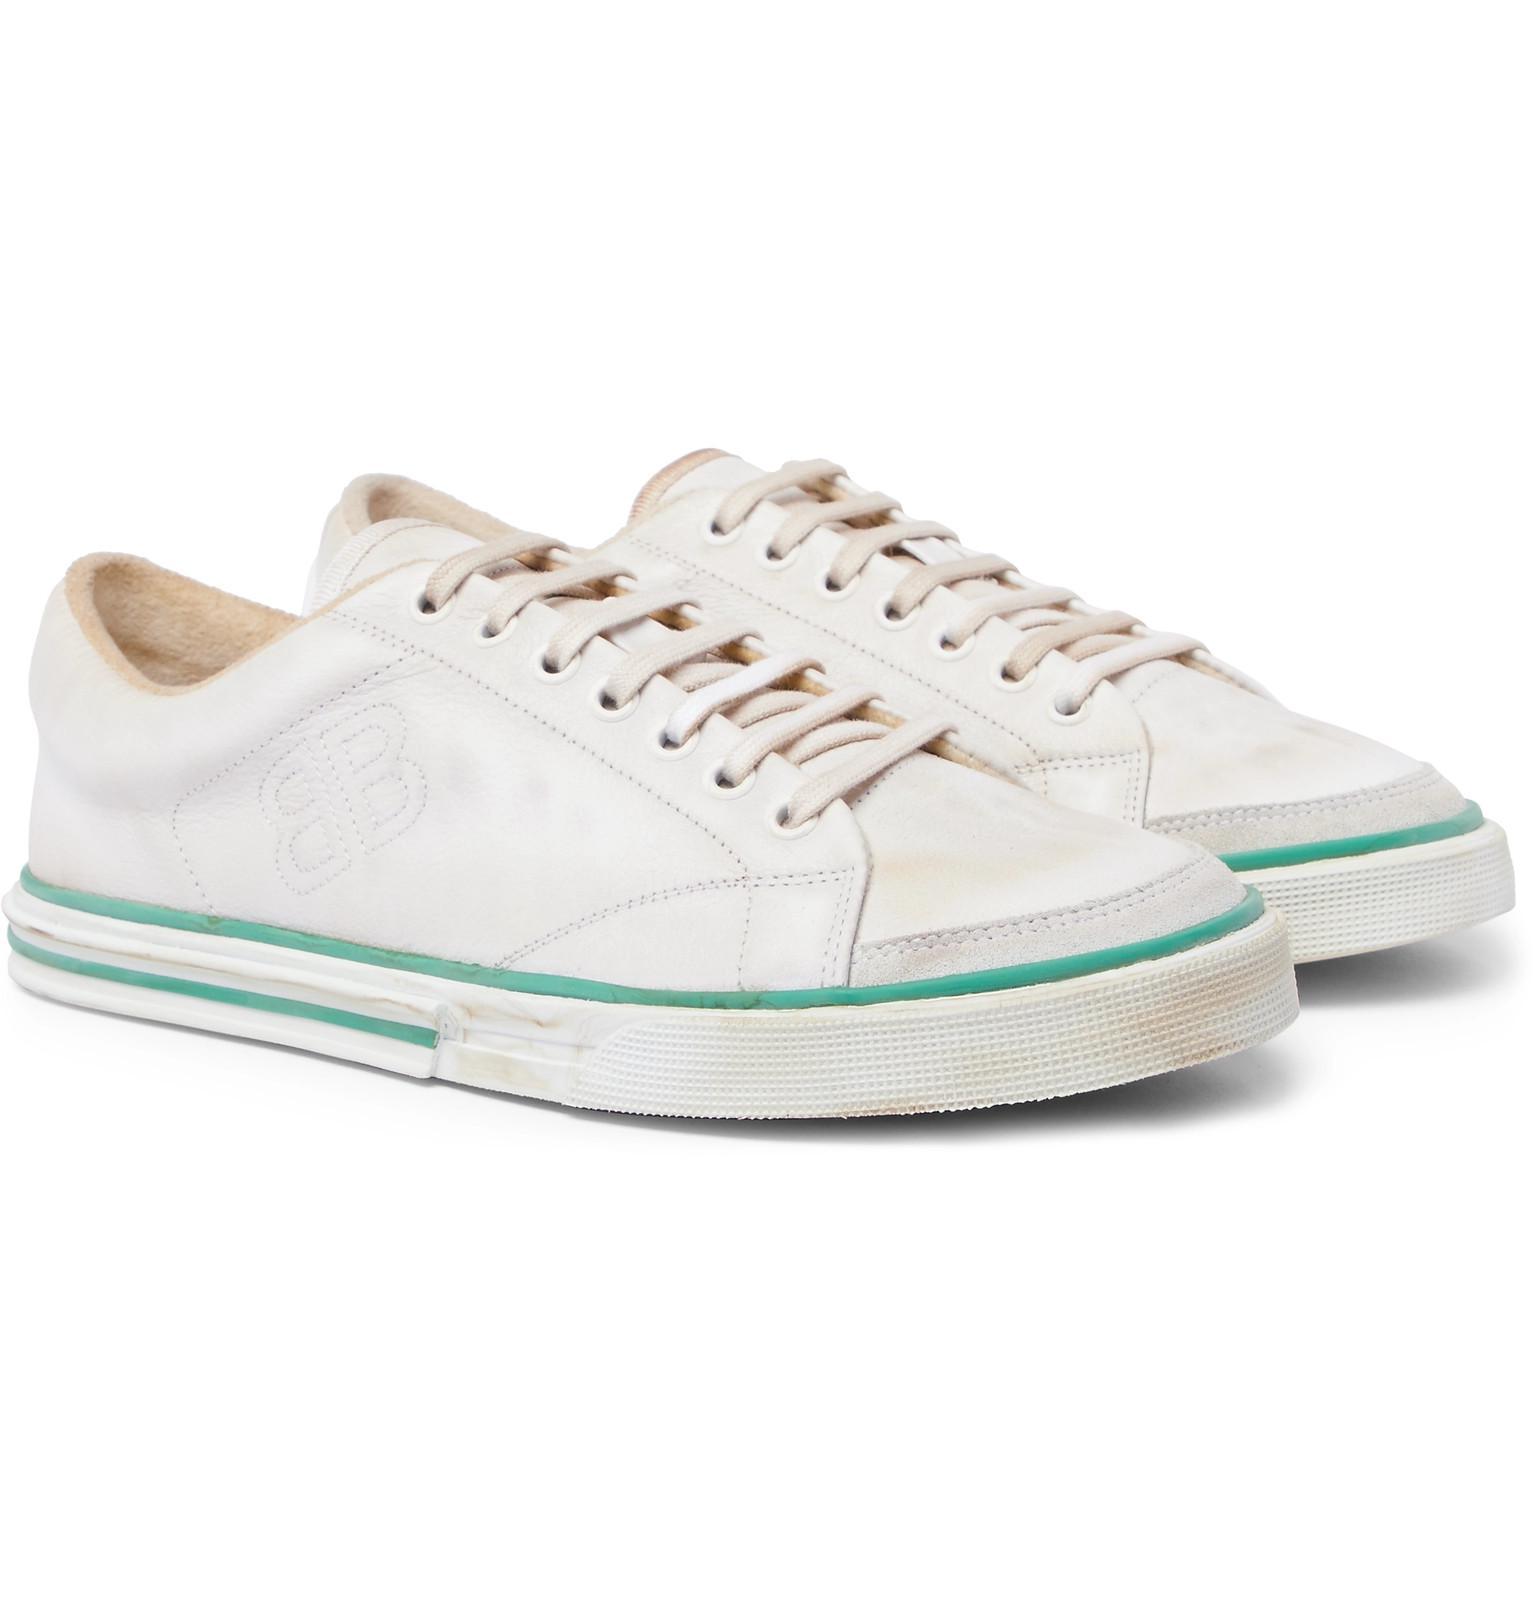 Balenciaga White Match Low Sneakers Gh6i8xN